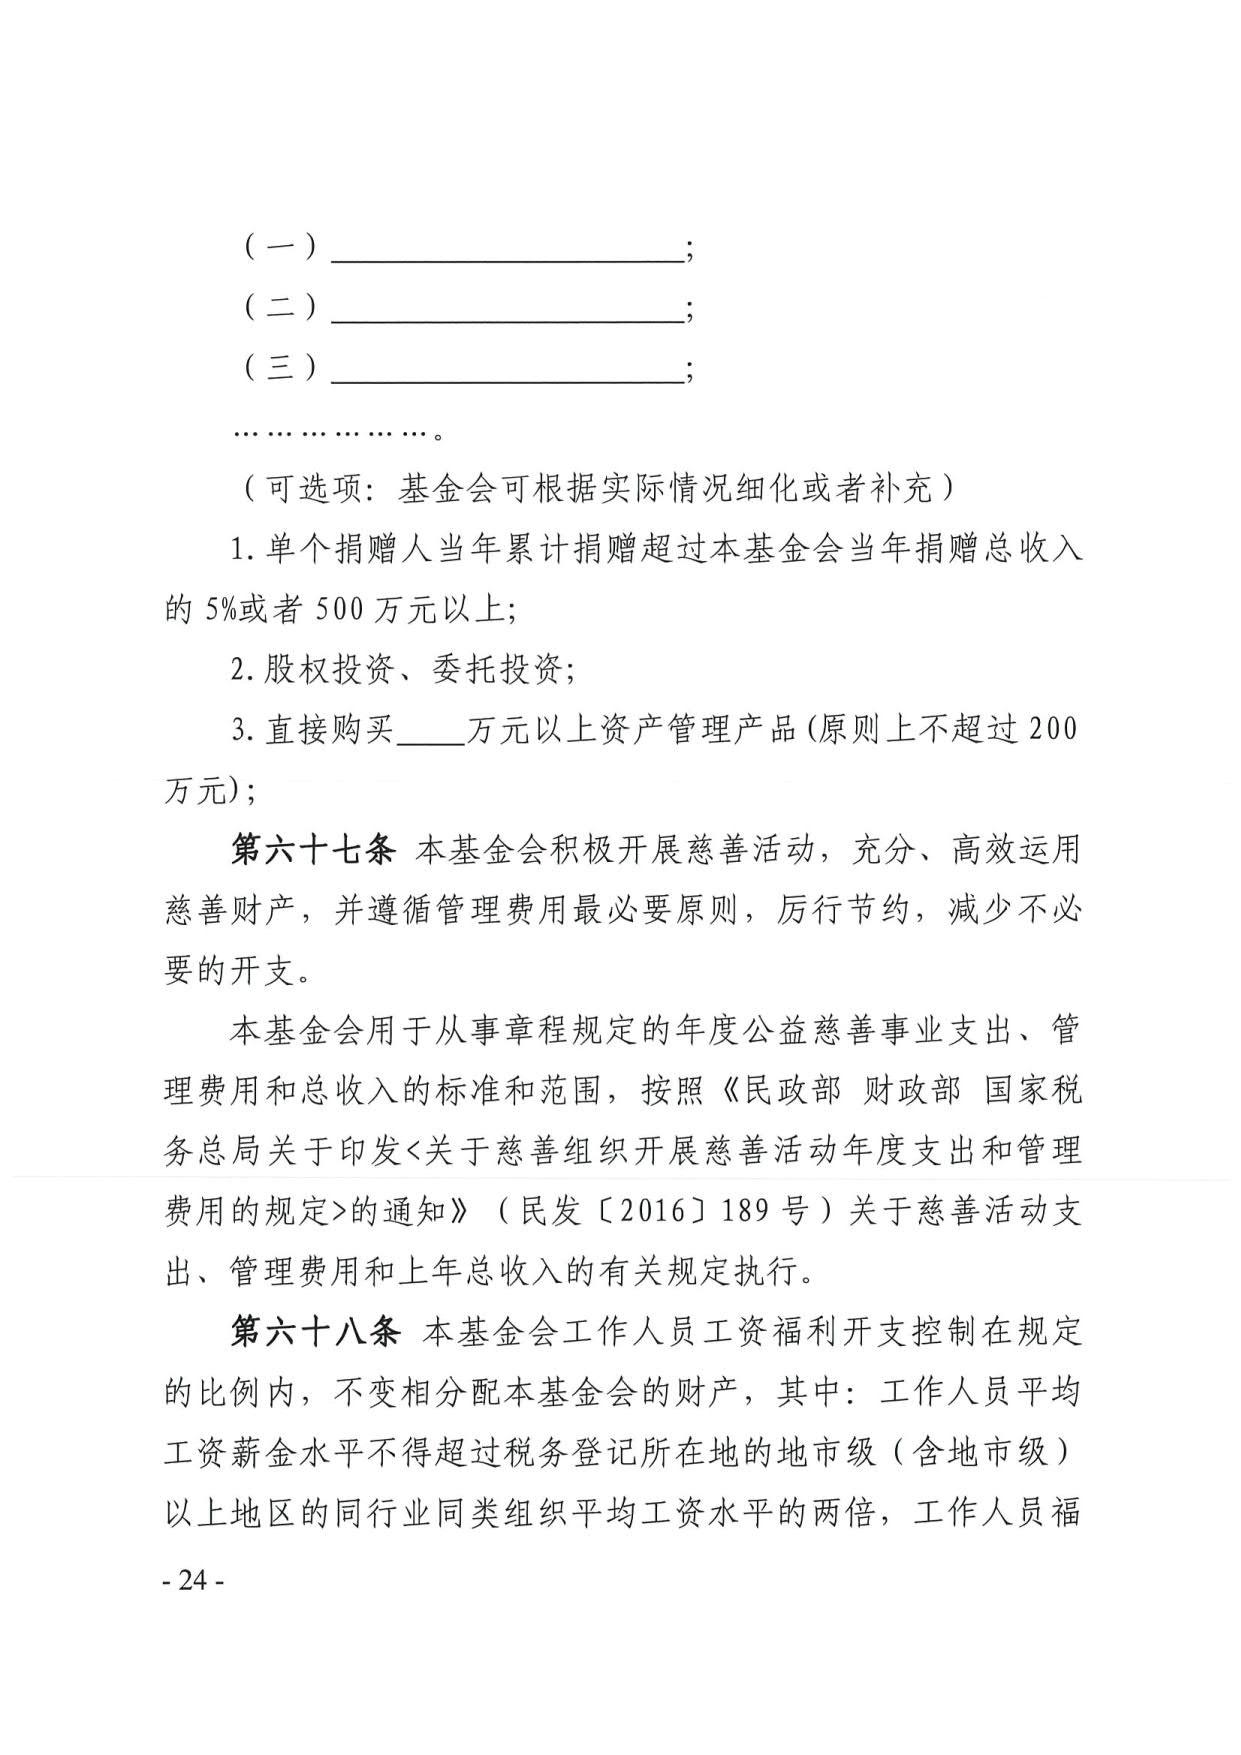 广东省民政厅关于印发《广东省基金会章程示范文本》的通知(4)_24.jpg